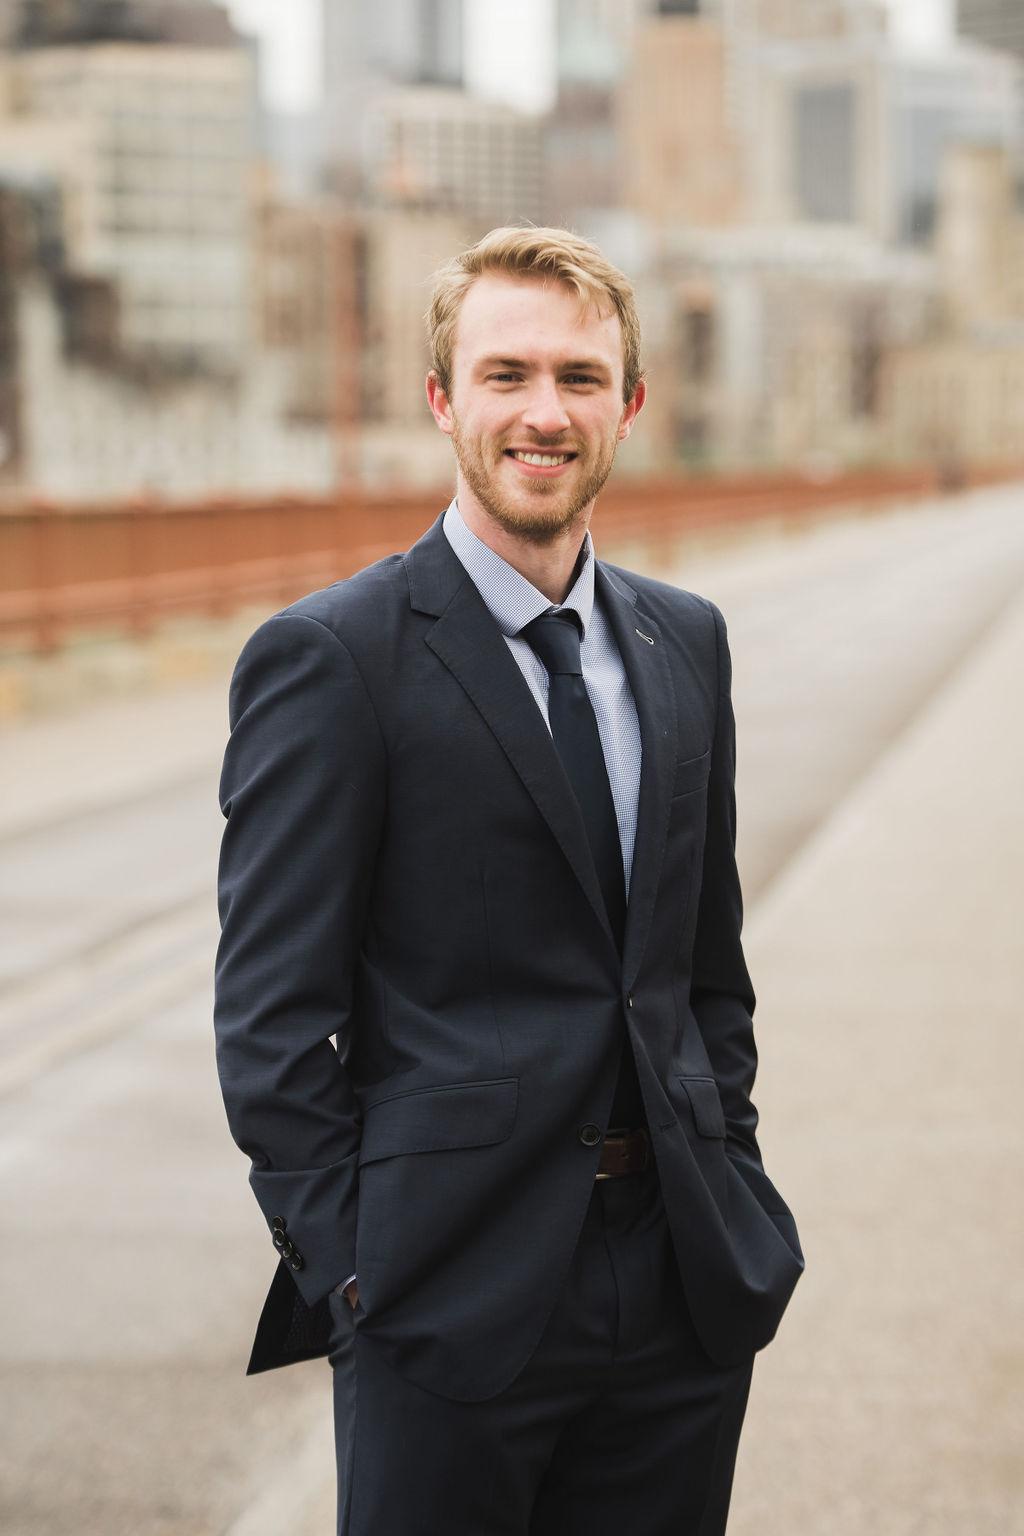 Dan Molenaar is the paraplanner at Great Waters Financial.